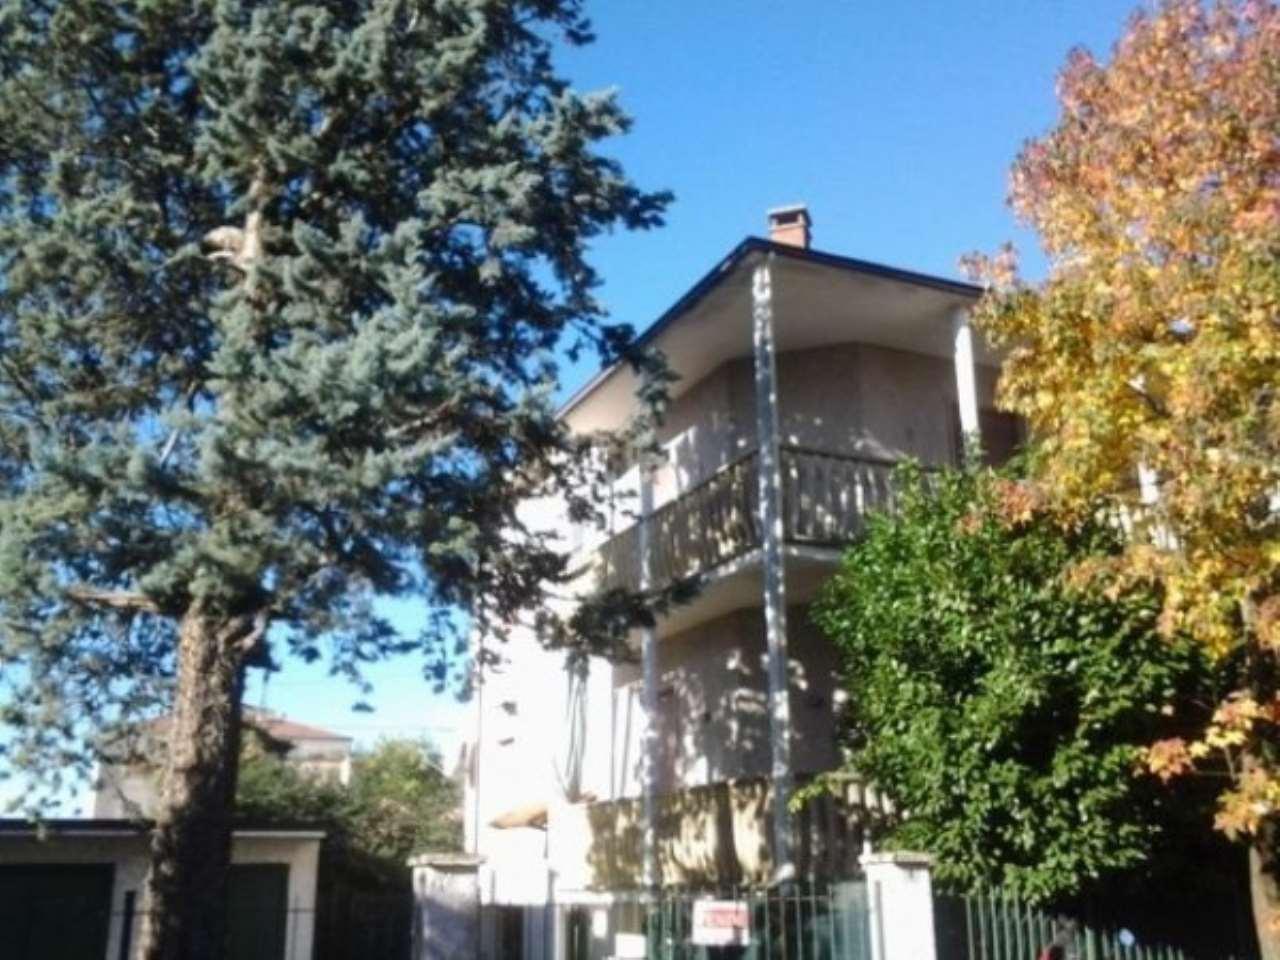 Villa in vendita a Gragnano Trebbiense, 5 locali, prezzo € 280.000 | CambioCasa.it